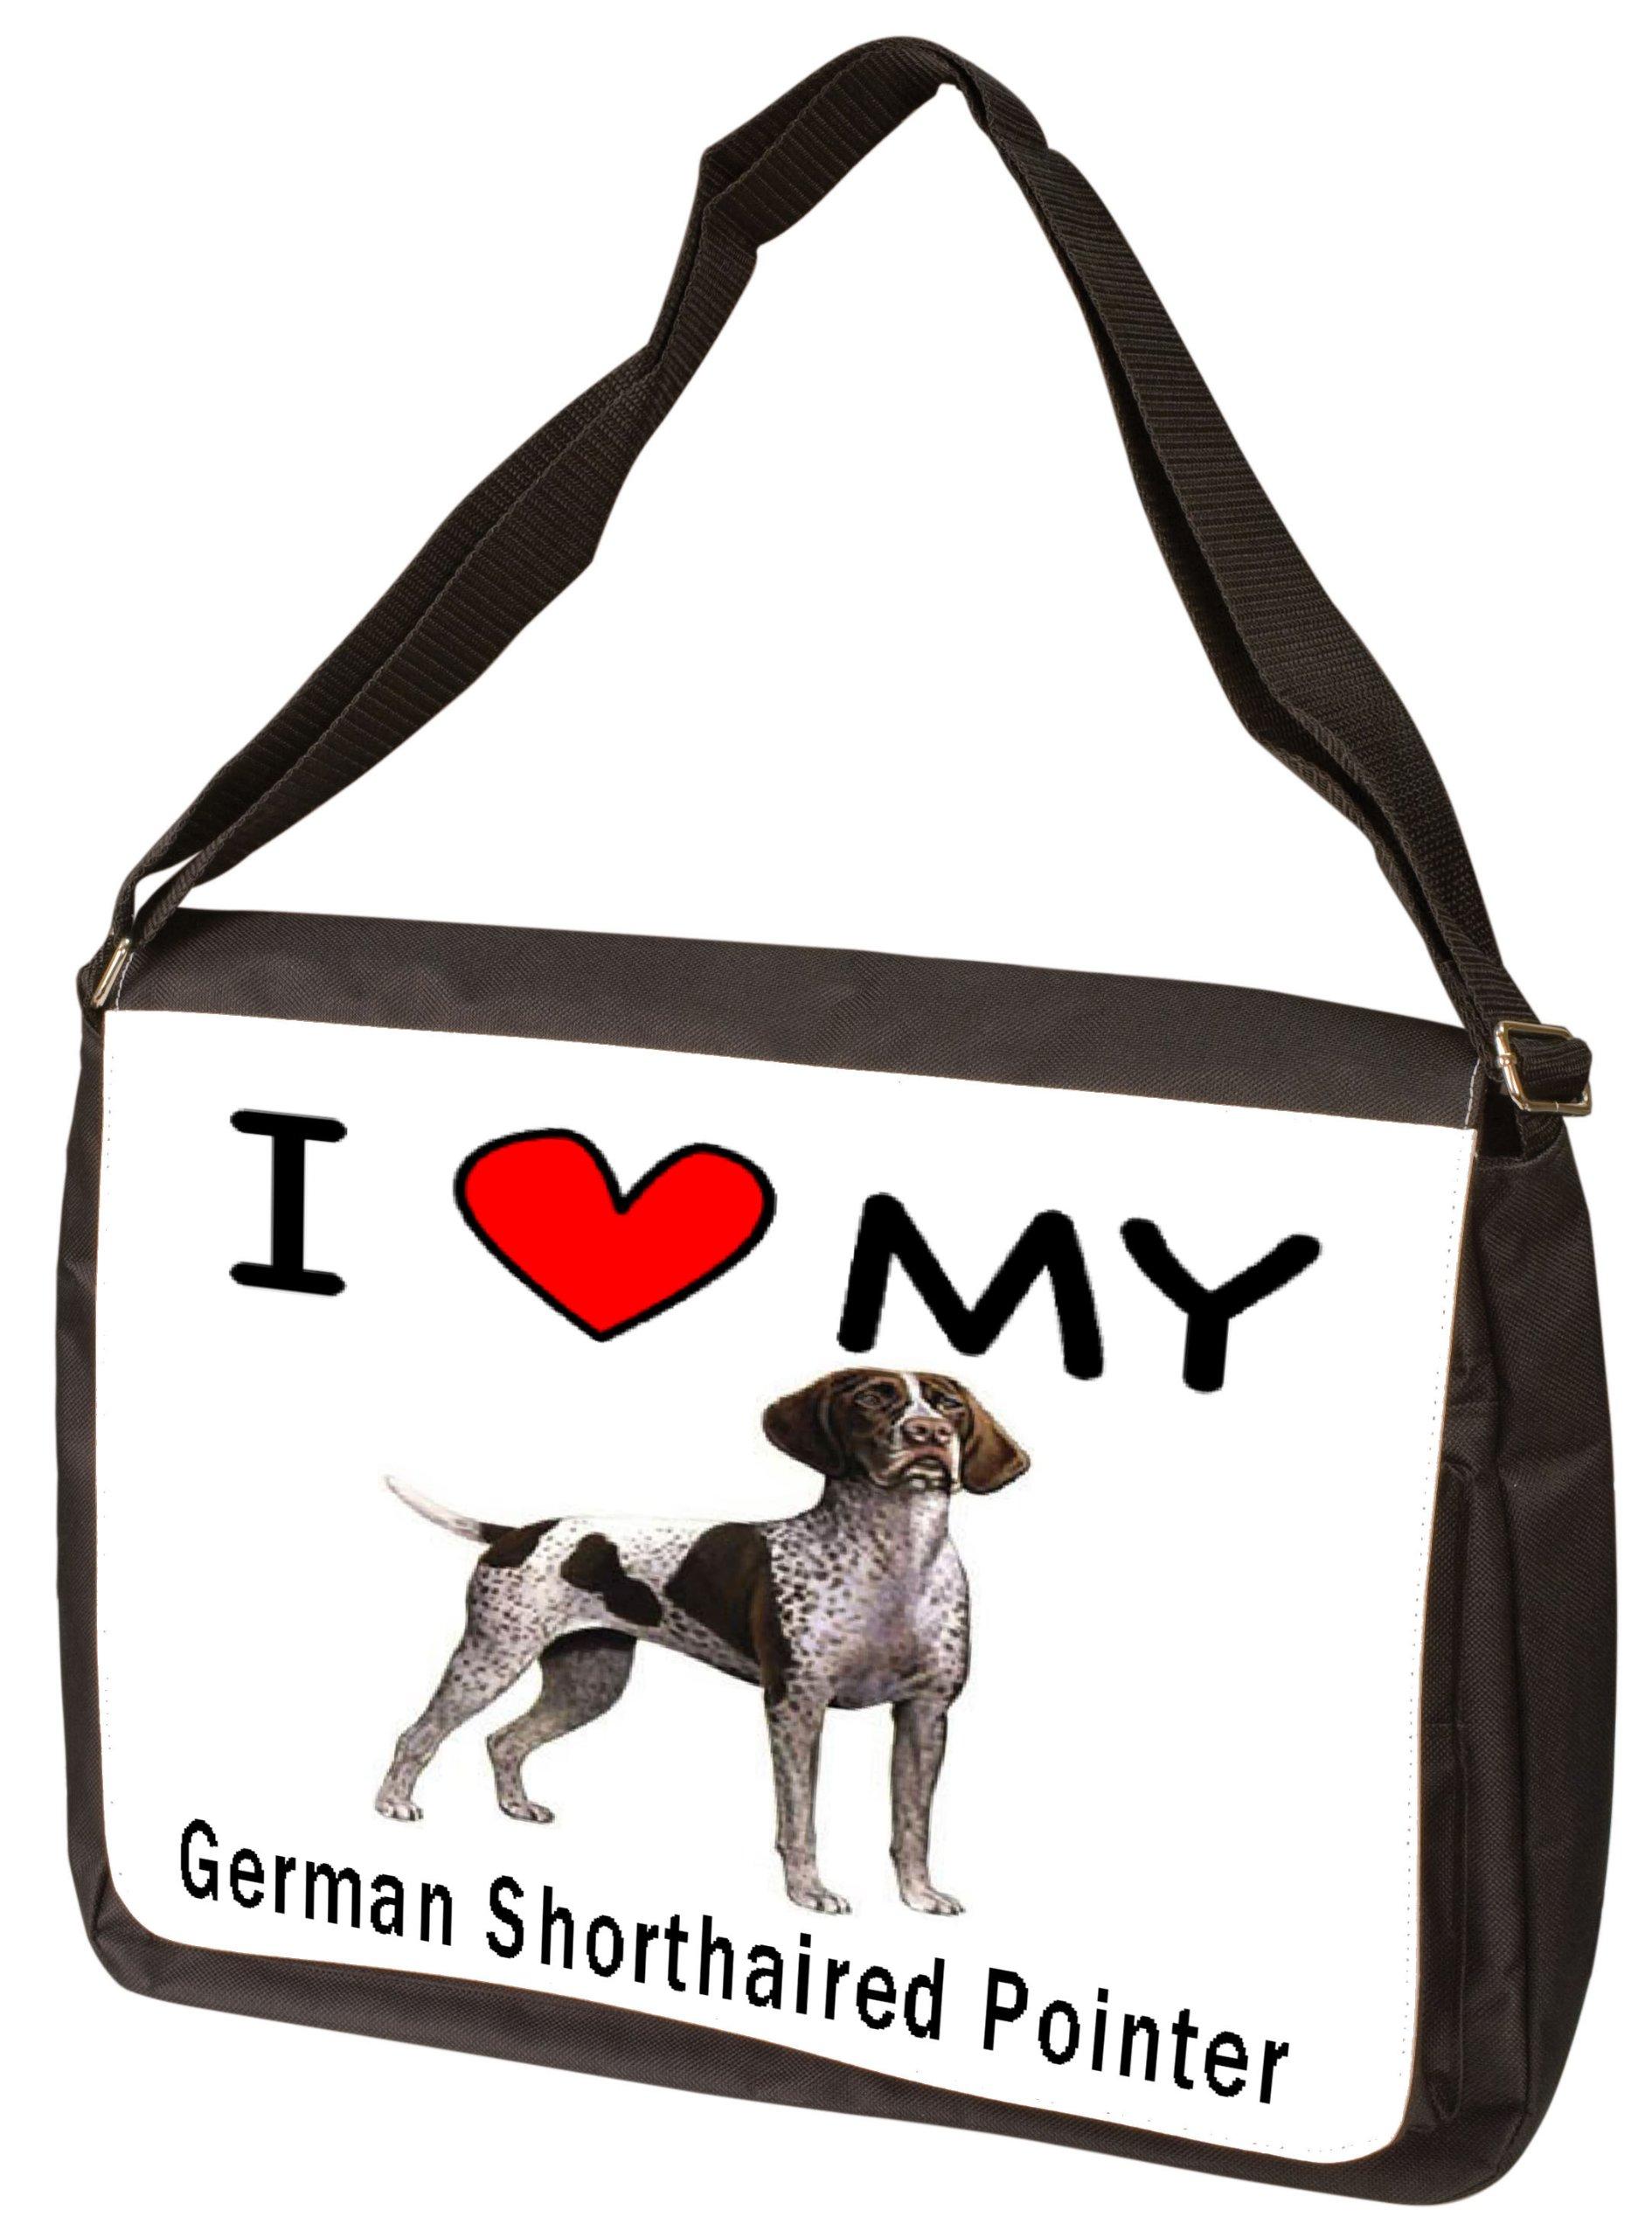 I Love My German Shorthaired Pointer Laptop Bag - Shoulder Bag - Messenger Bag